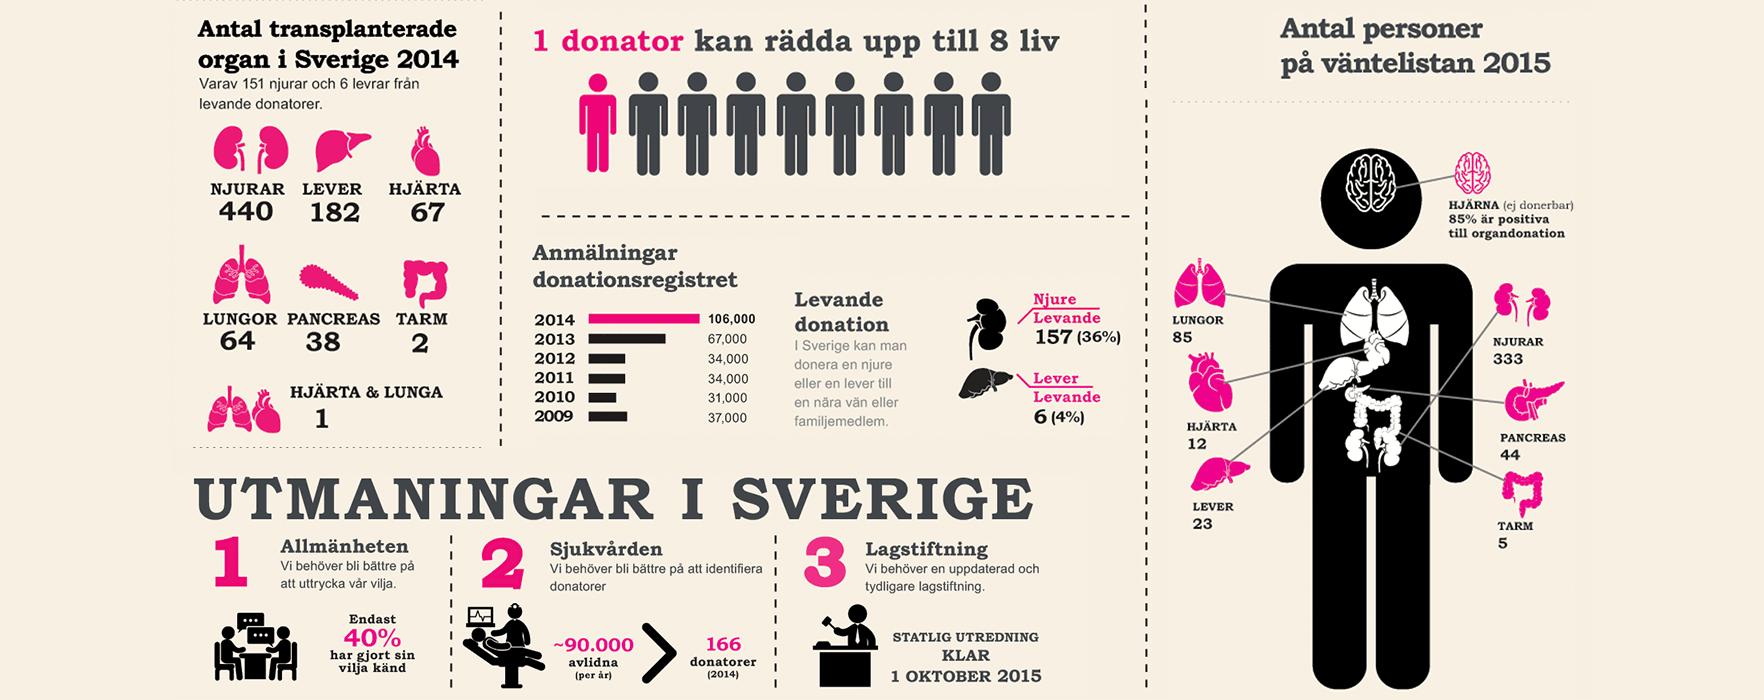 Emma Dalman om livet med ett nytt hjärta och organdonation i Sverige